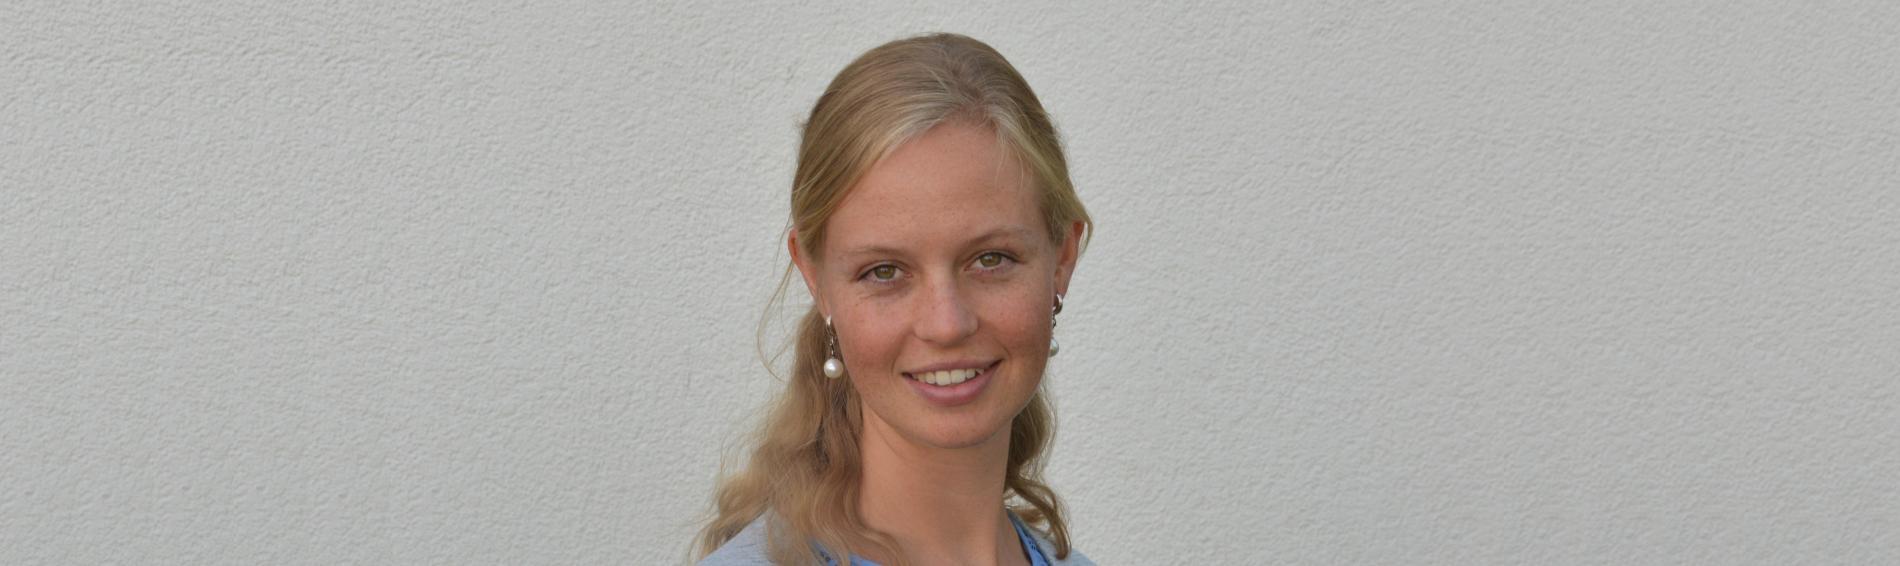 Sandra Schönberger. Foto: Ärzte der Welt